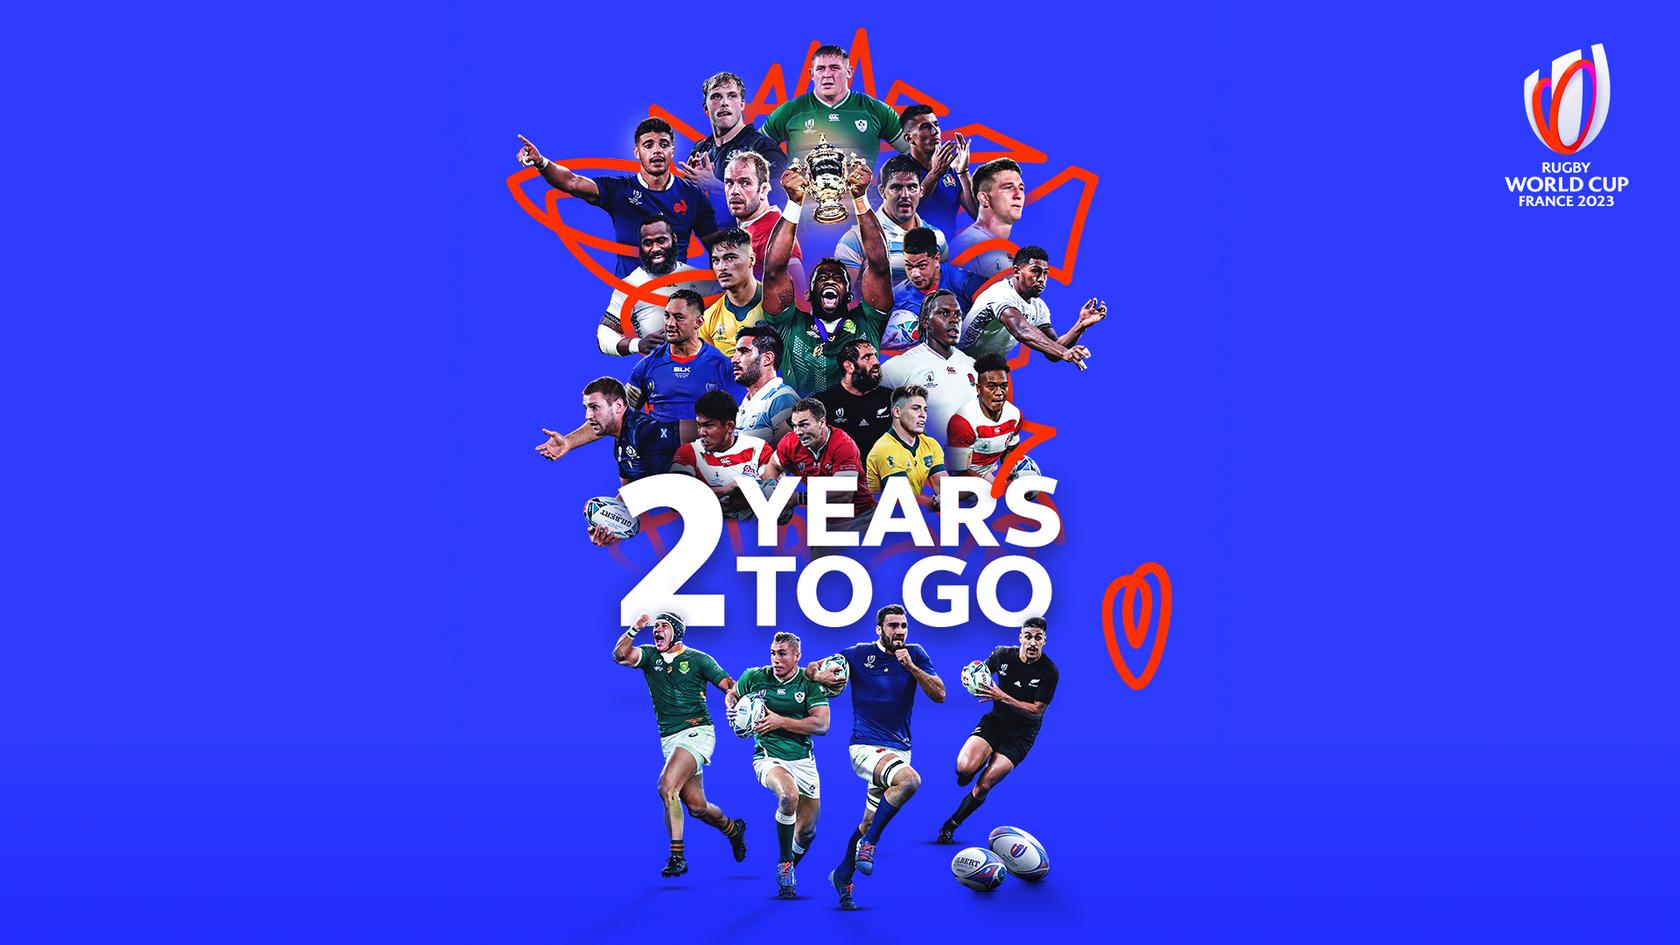 Dos años para el comienzo de Rugby World Cup France 2023